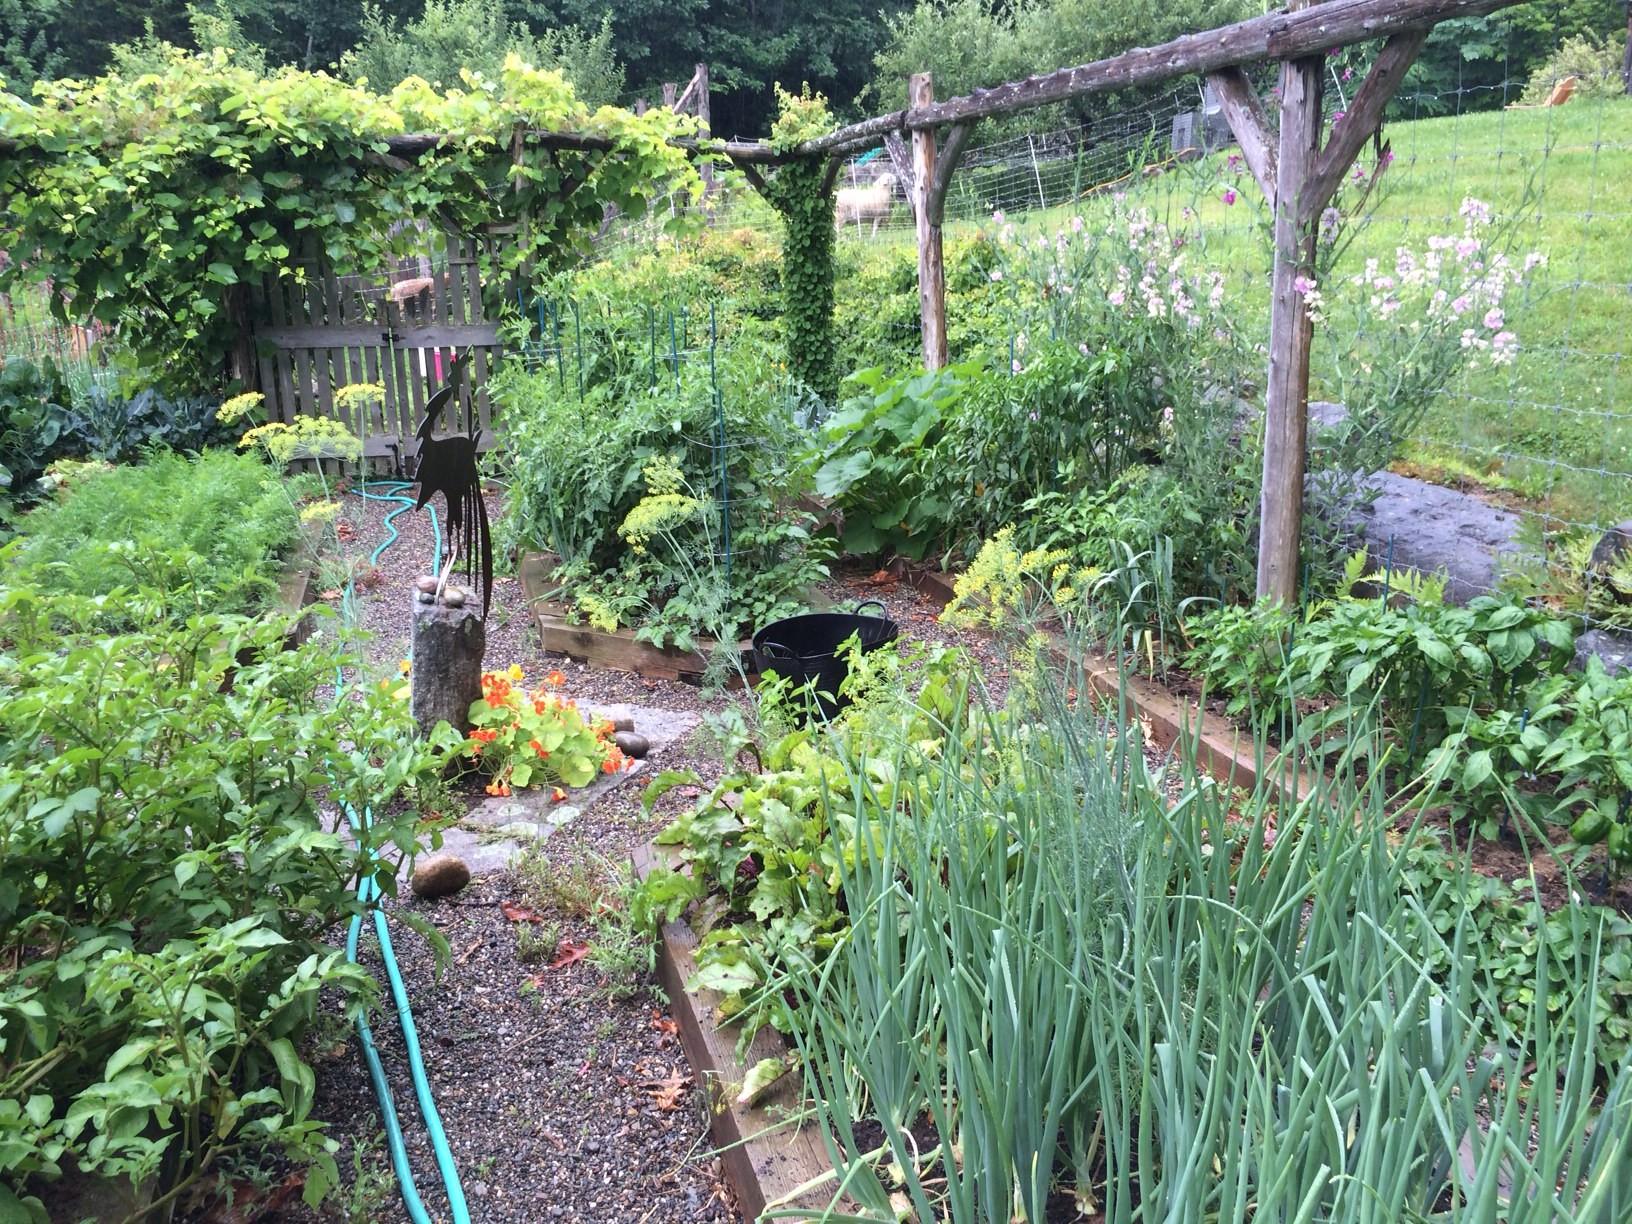 The garden at its summer peak